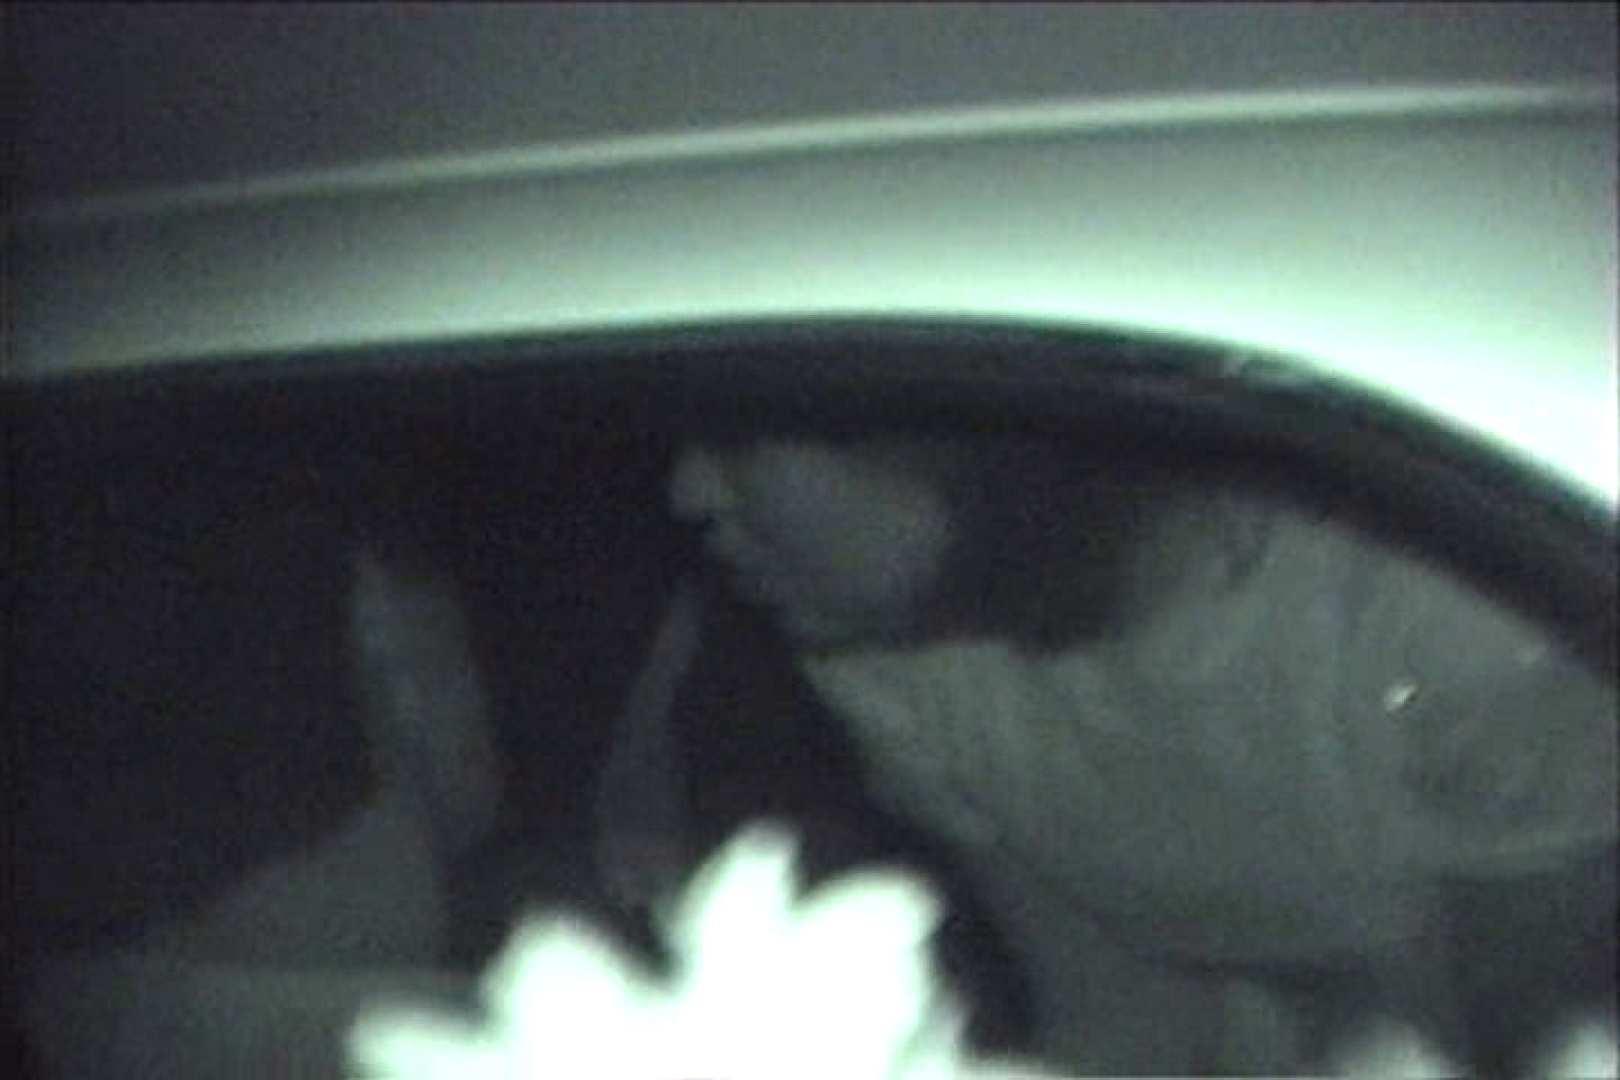 車の中はラブホテル 無修正版  Vol.16 覗き | OLヌード天国  86PIX 34